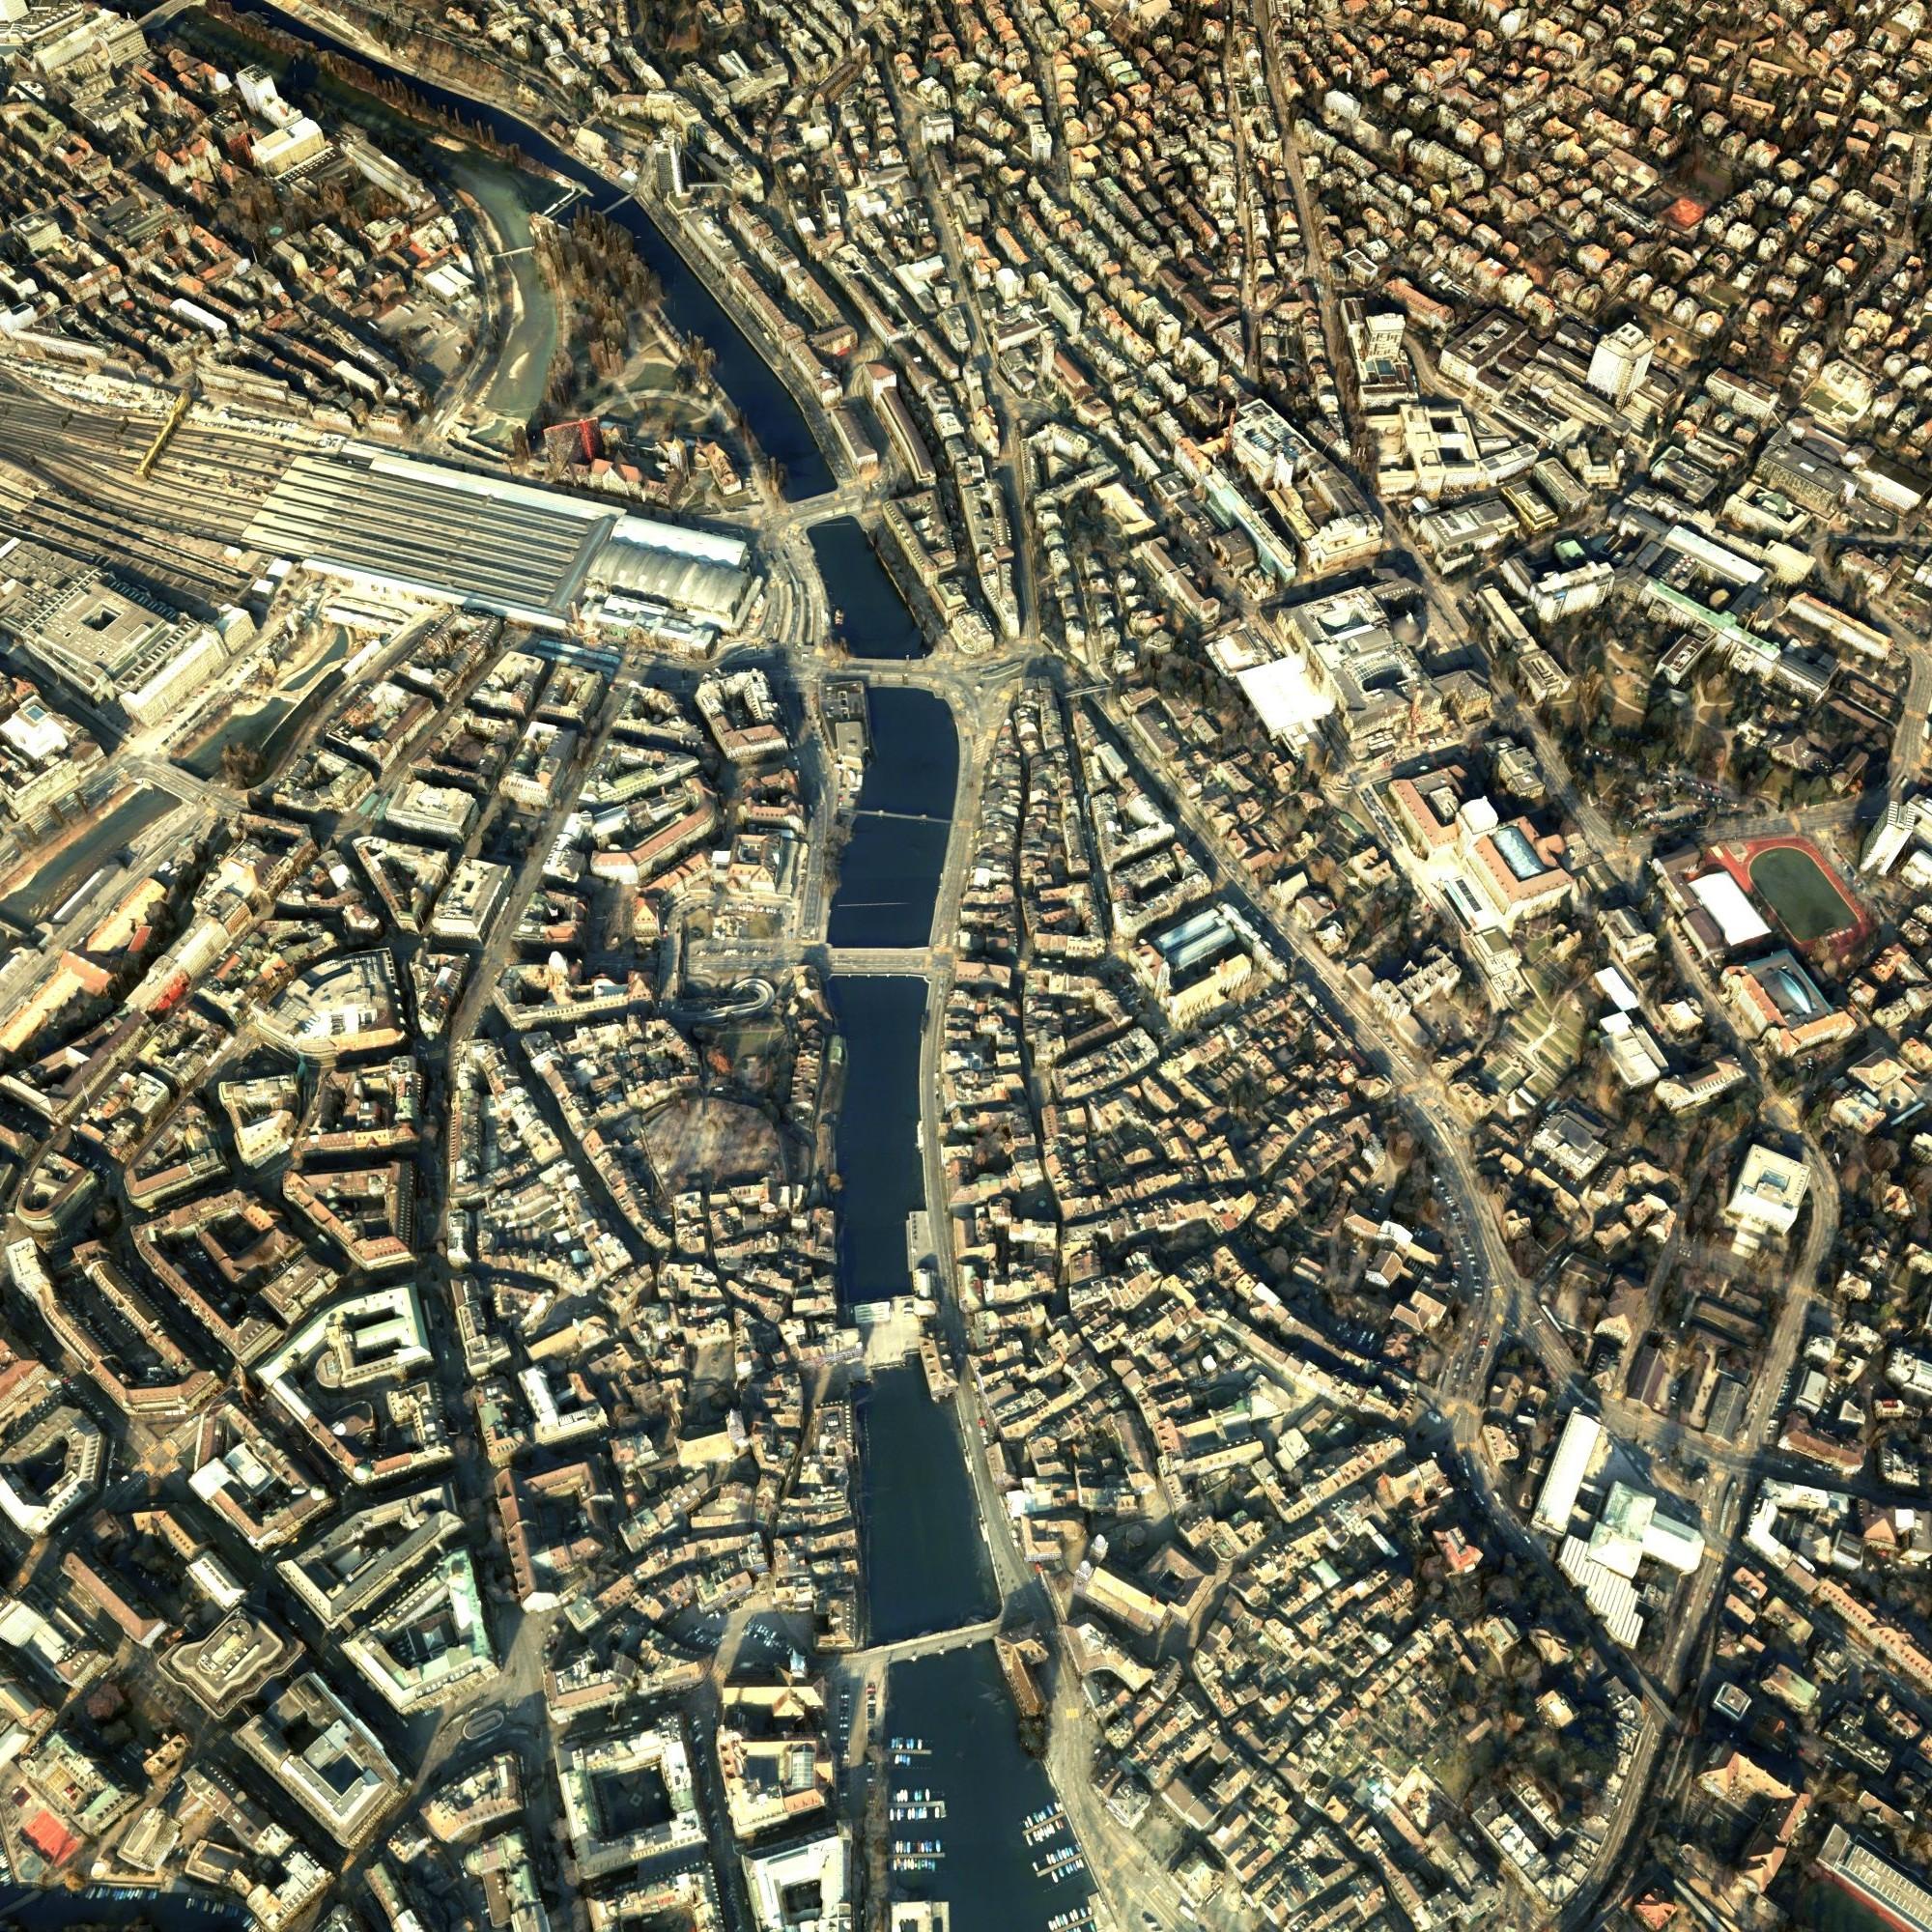 Zürich mit dem Hauptbahnhof (links oben) aus der Vogelperspektive. Dem 3-D-Modell liegen ausschliesslich Bilddaten zugrunde.